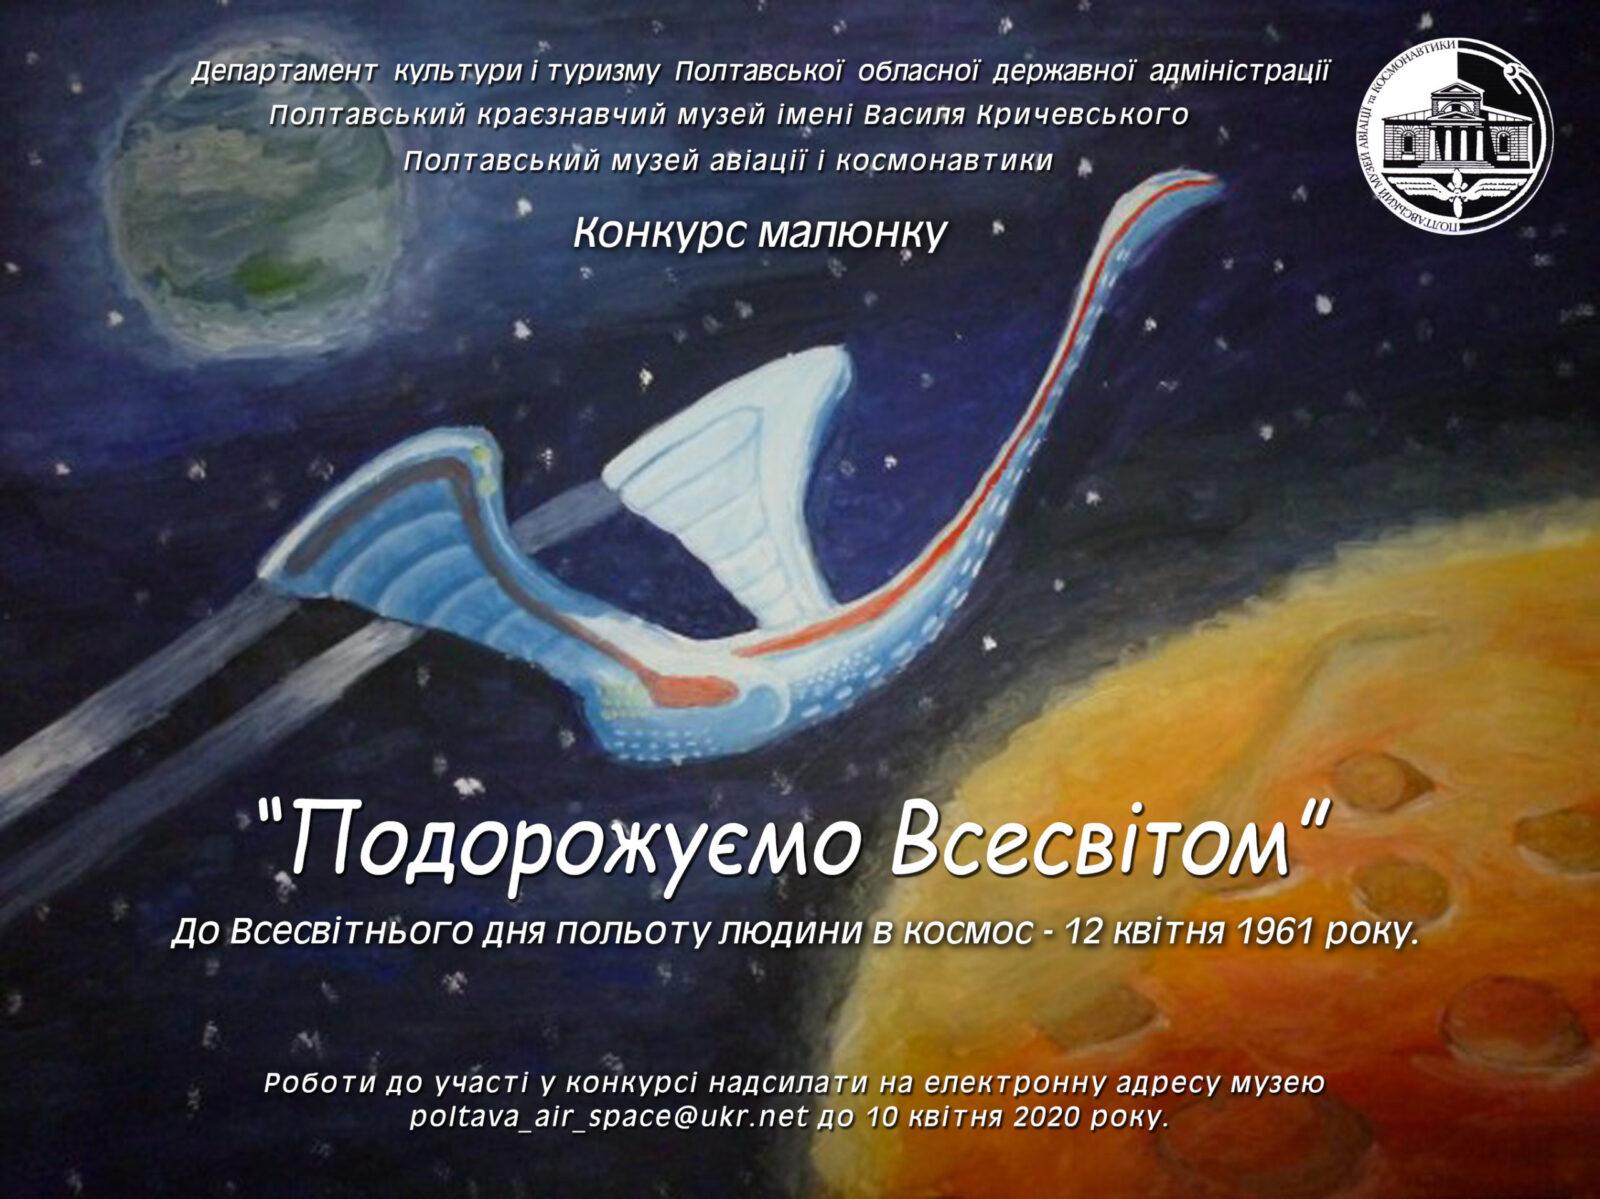 конкурс малюнку на тему: «Подорожуємо Всесвітом»